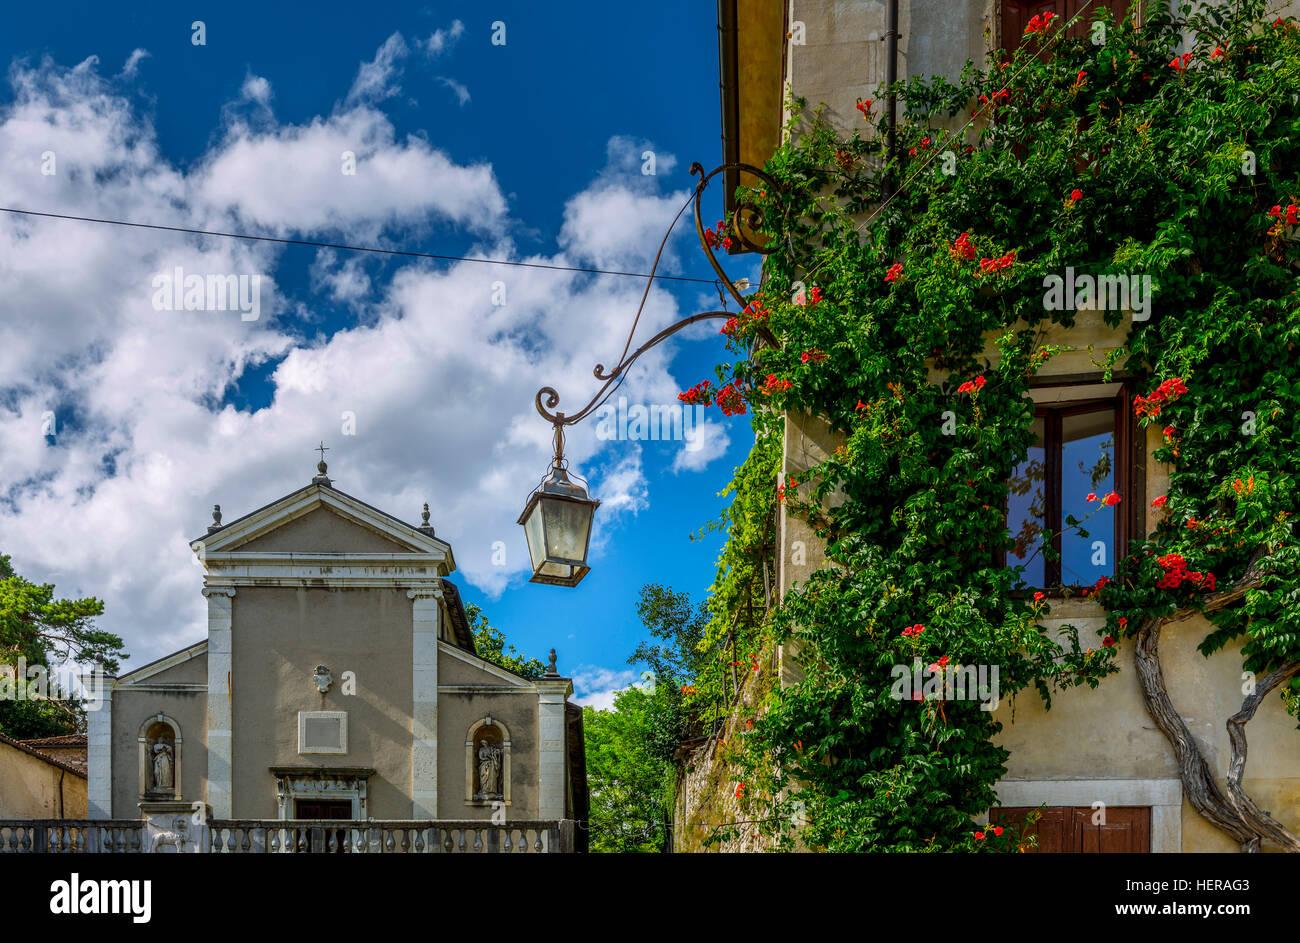 Italien, Südtirol, Dolomiten, Feltre, Piazza Maggiore, San Rocco di San Sebastiano Stock Photo